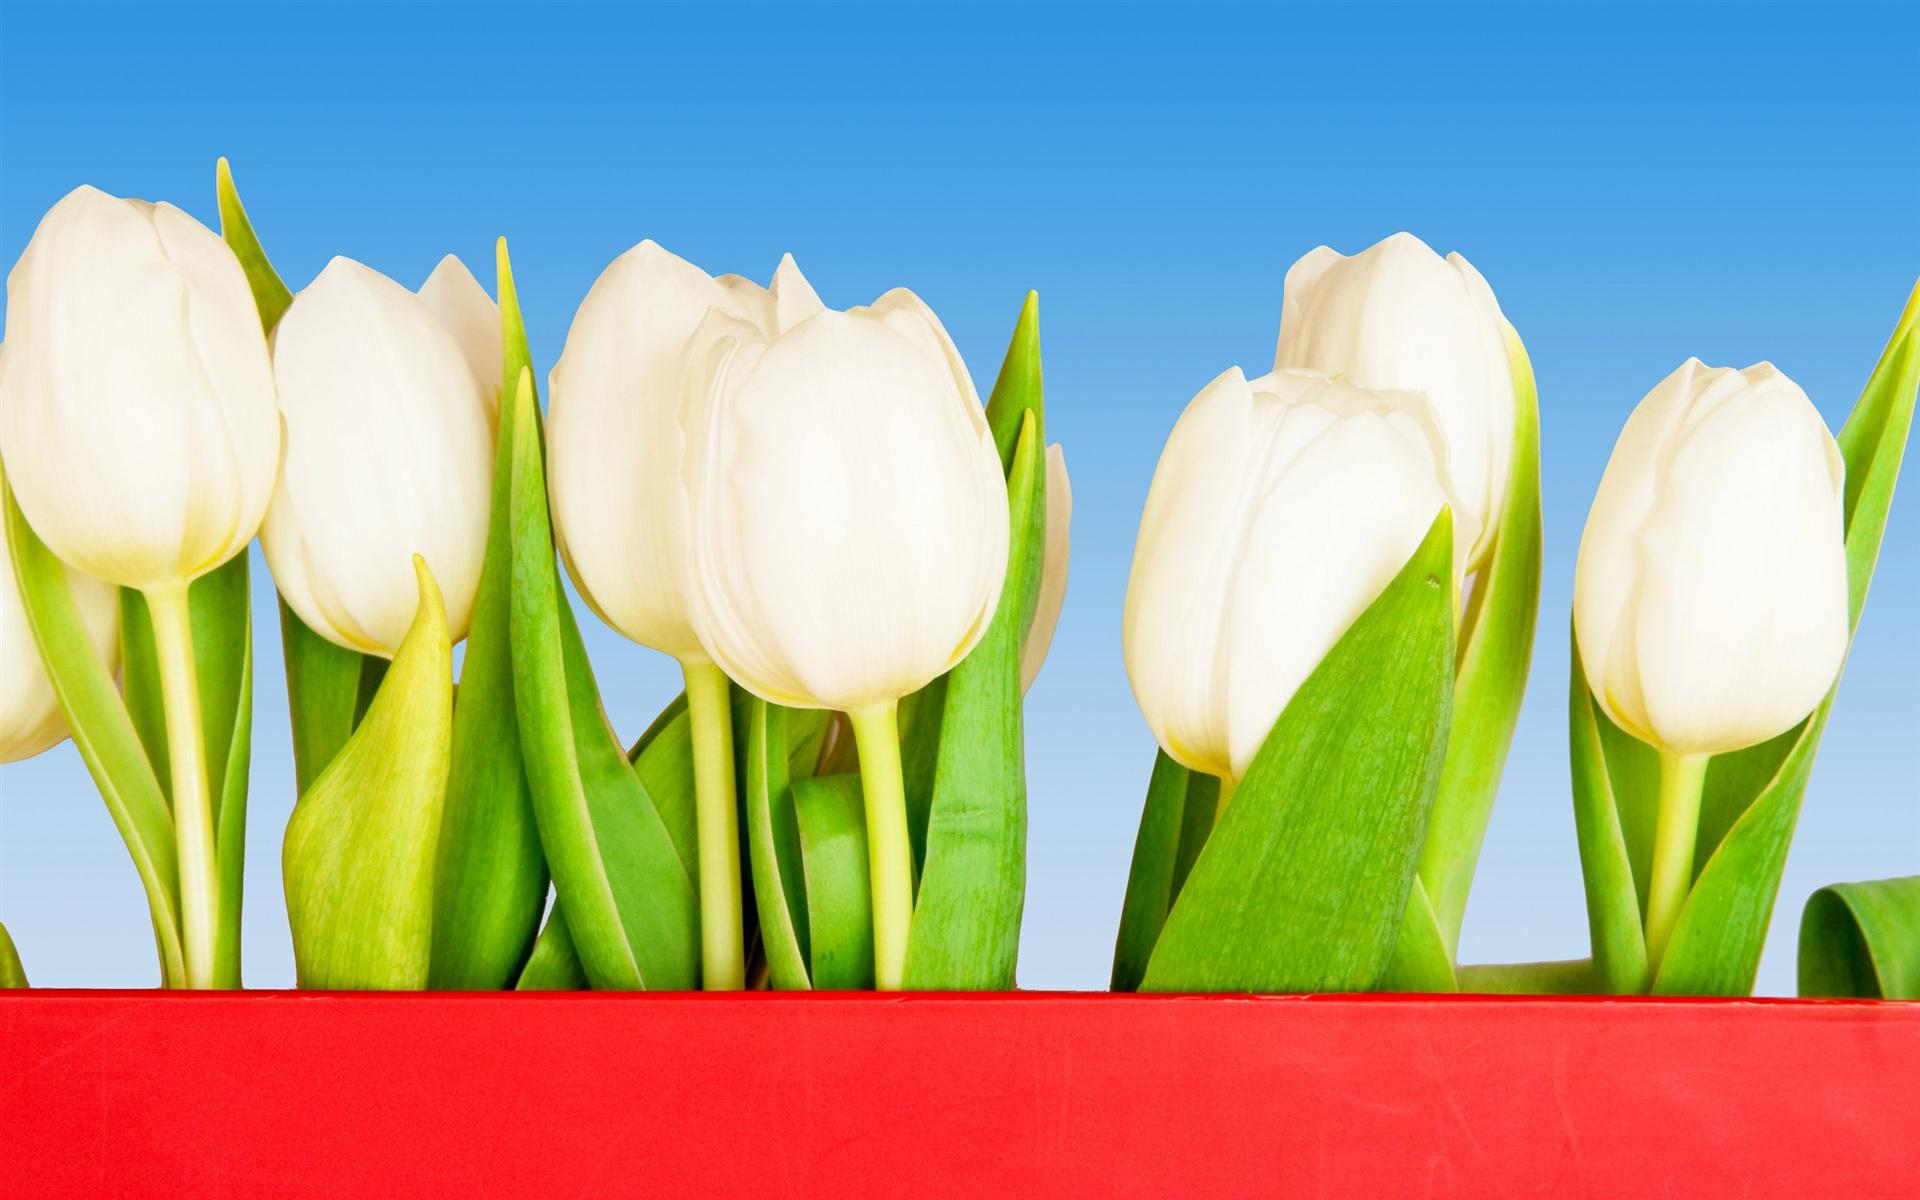 Юбилеем коллег, картинки фон тюльпаны